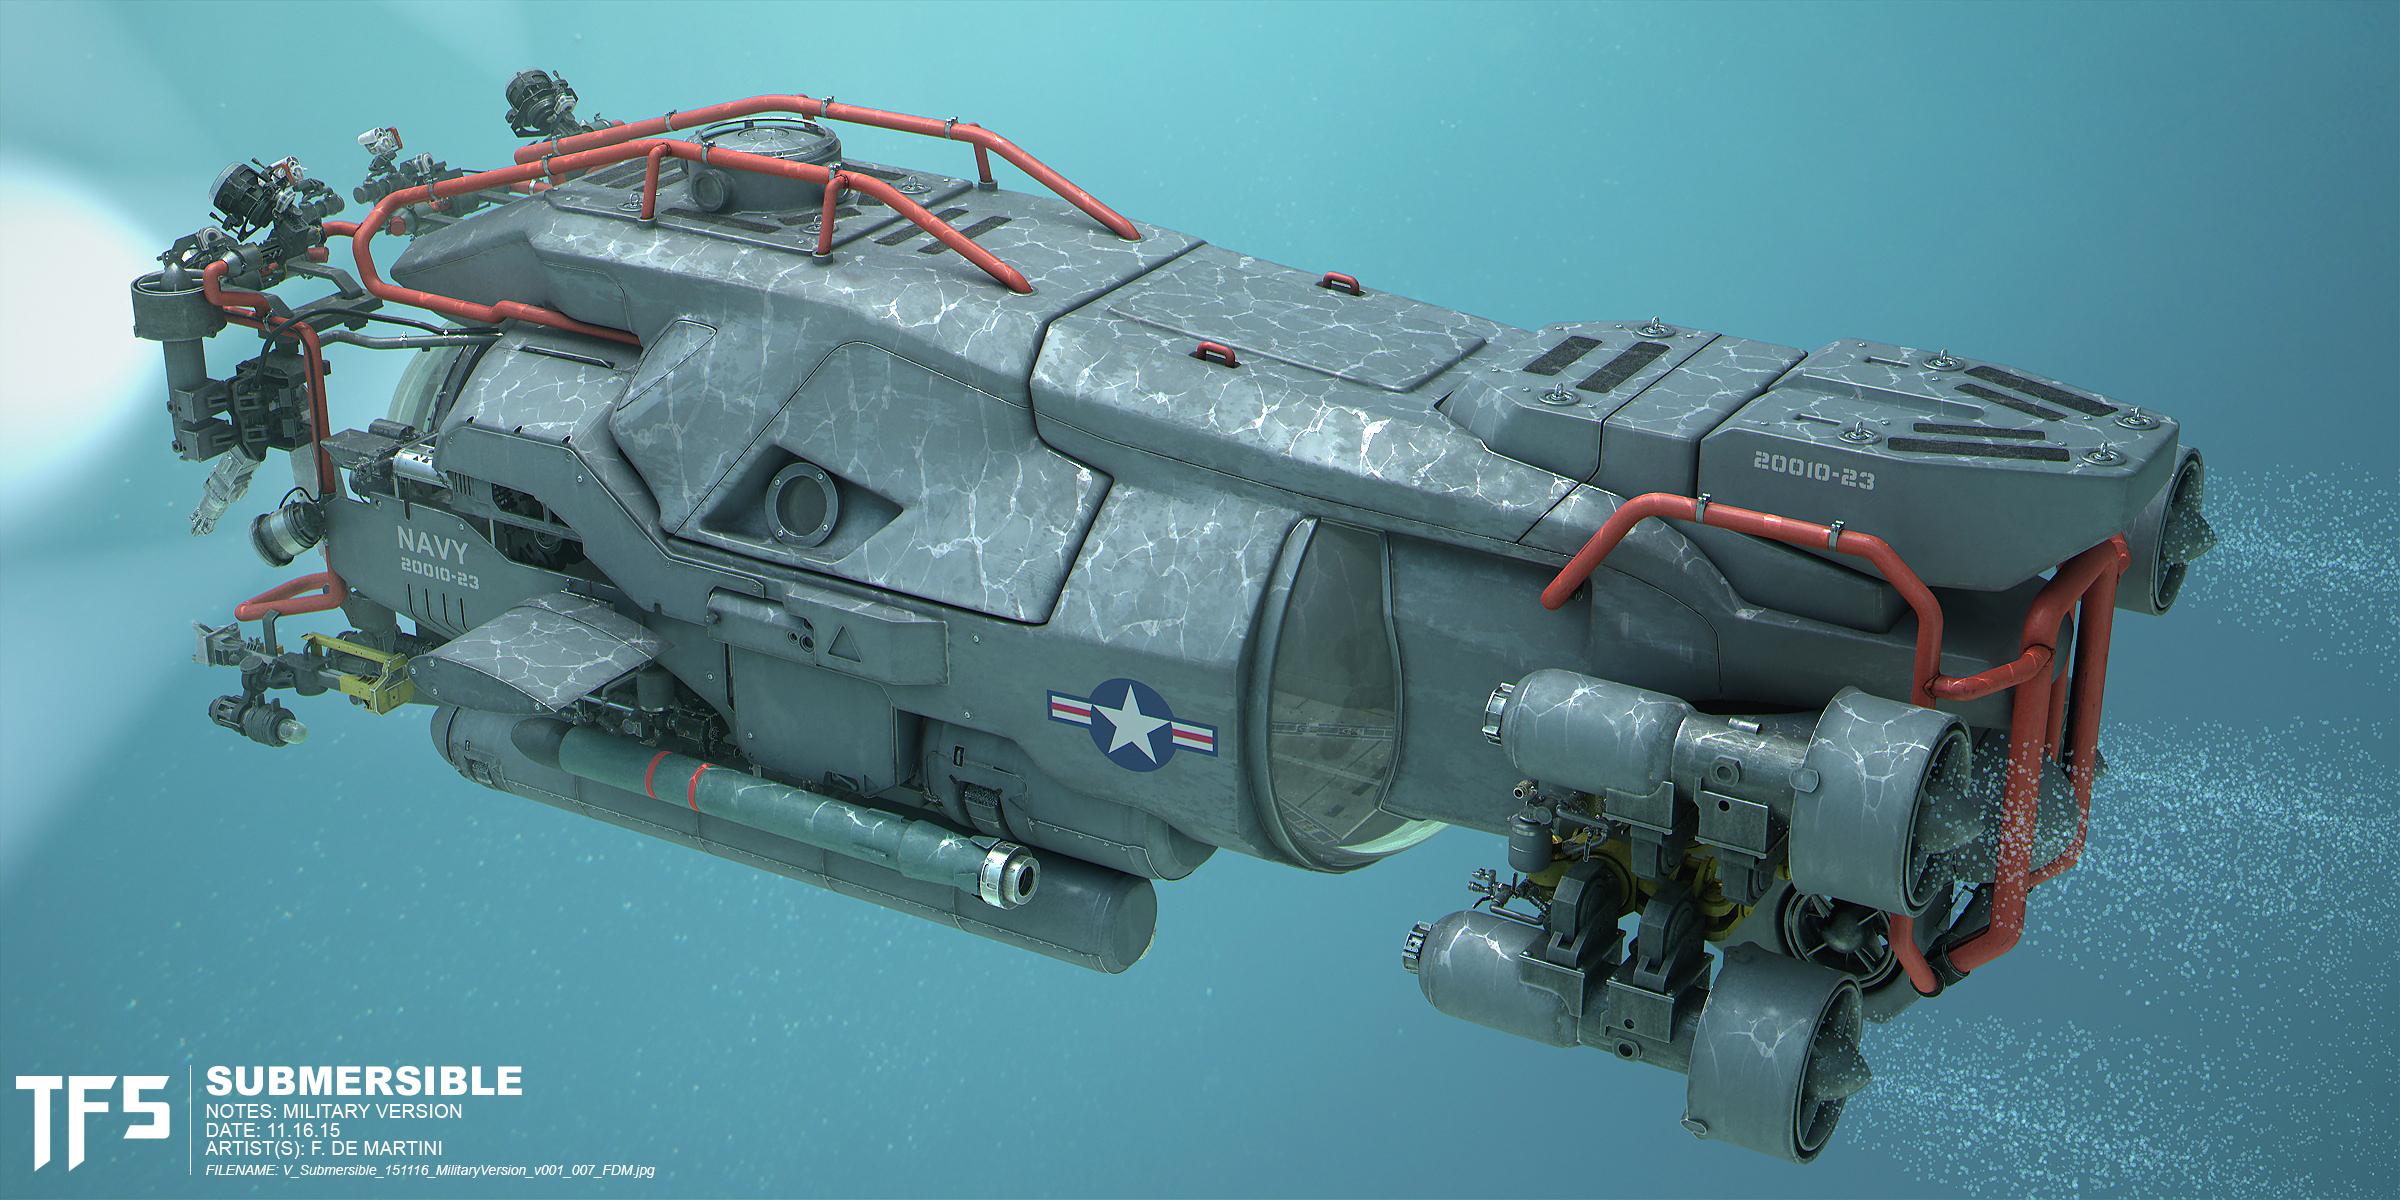 V_Submersible_151116_MilitaryVersion_v001_007_FDM.jpg